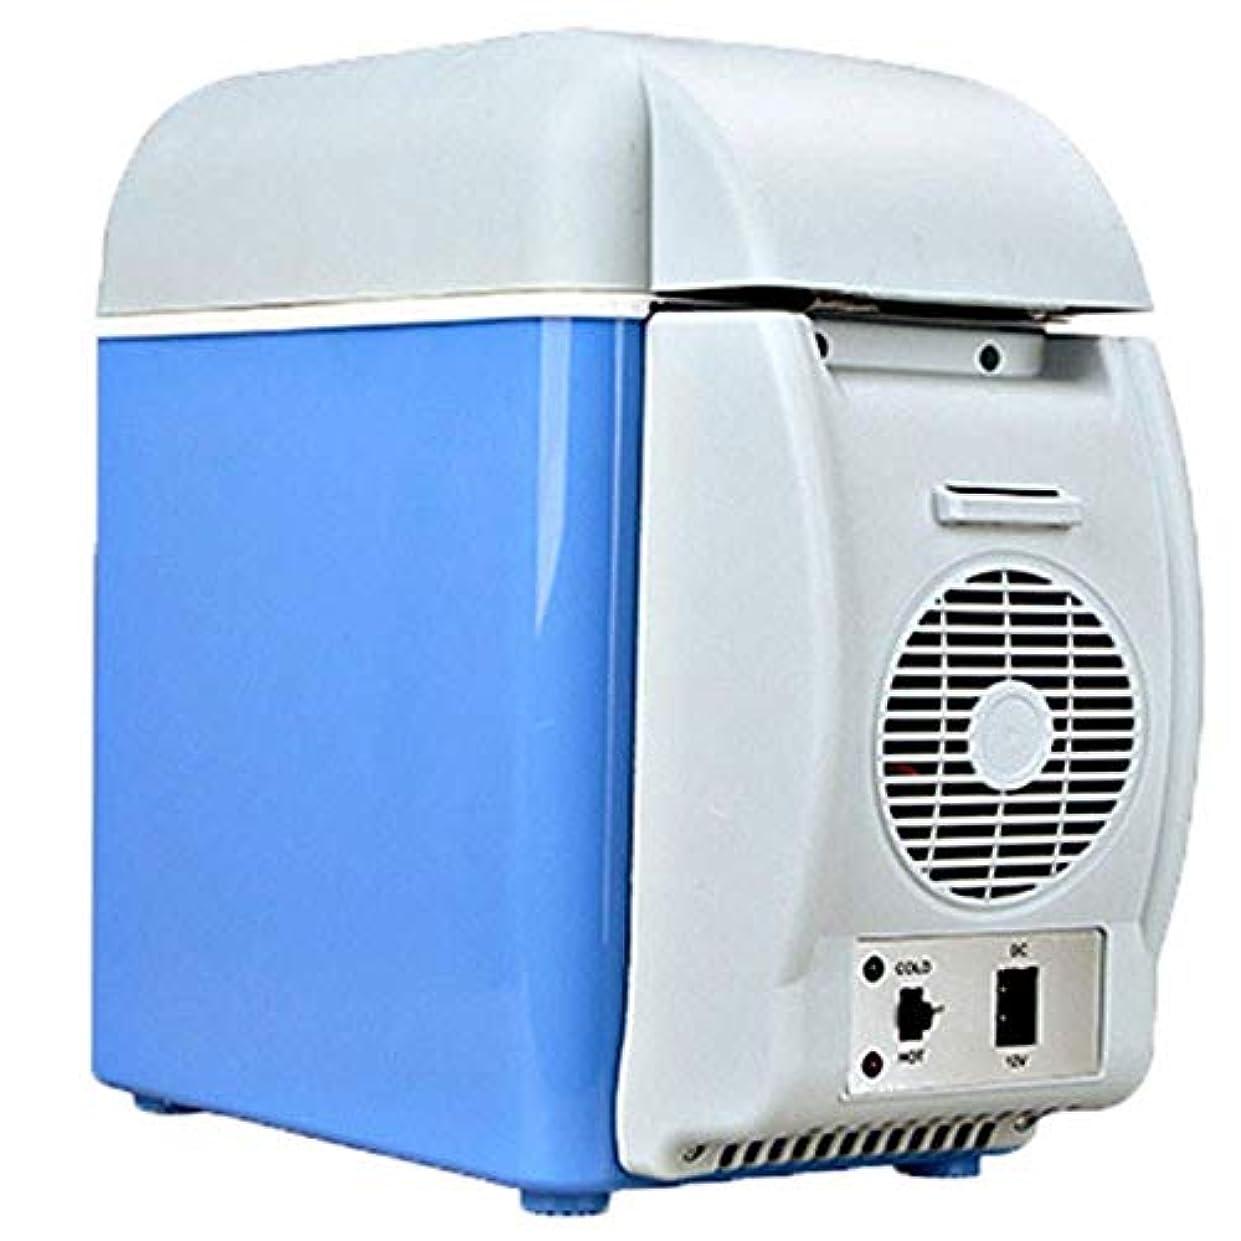 単語骨折ホップミニ冷蔵庫車の冷蔵庫冷凍ポータブル飲料ビール冷蔵庫7.5リットル寮のオフィス家族旅行やキャンプに適しています